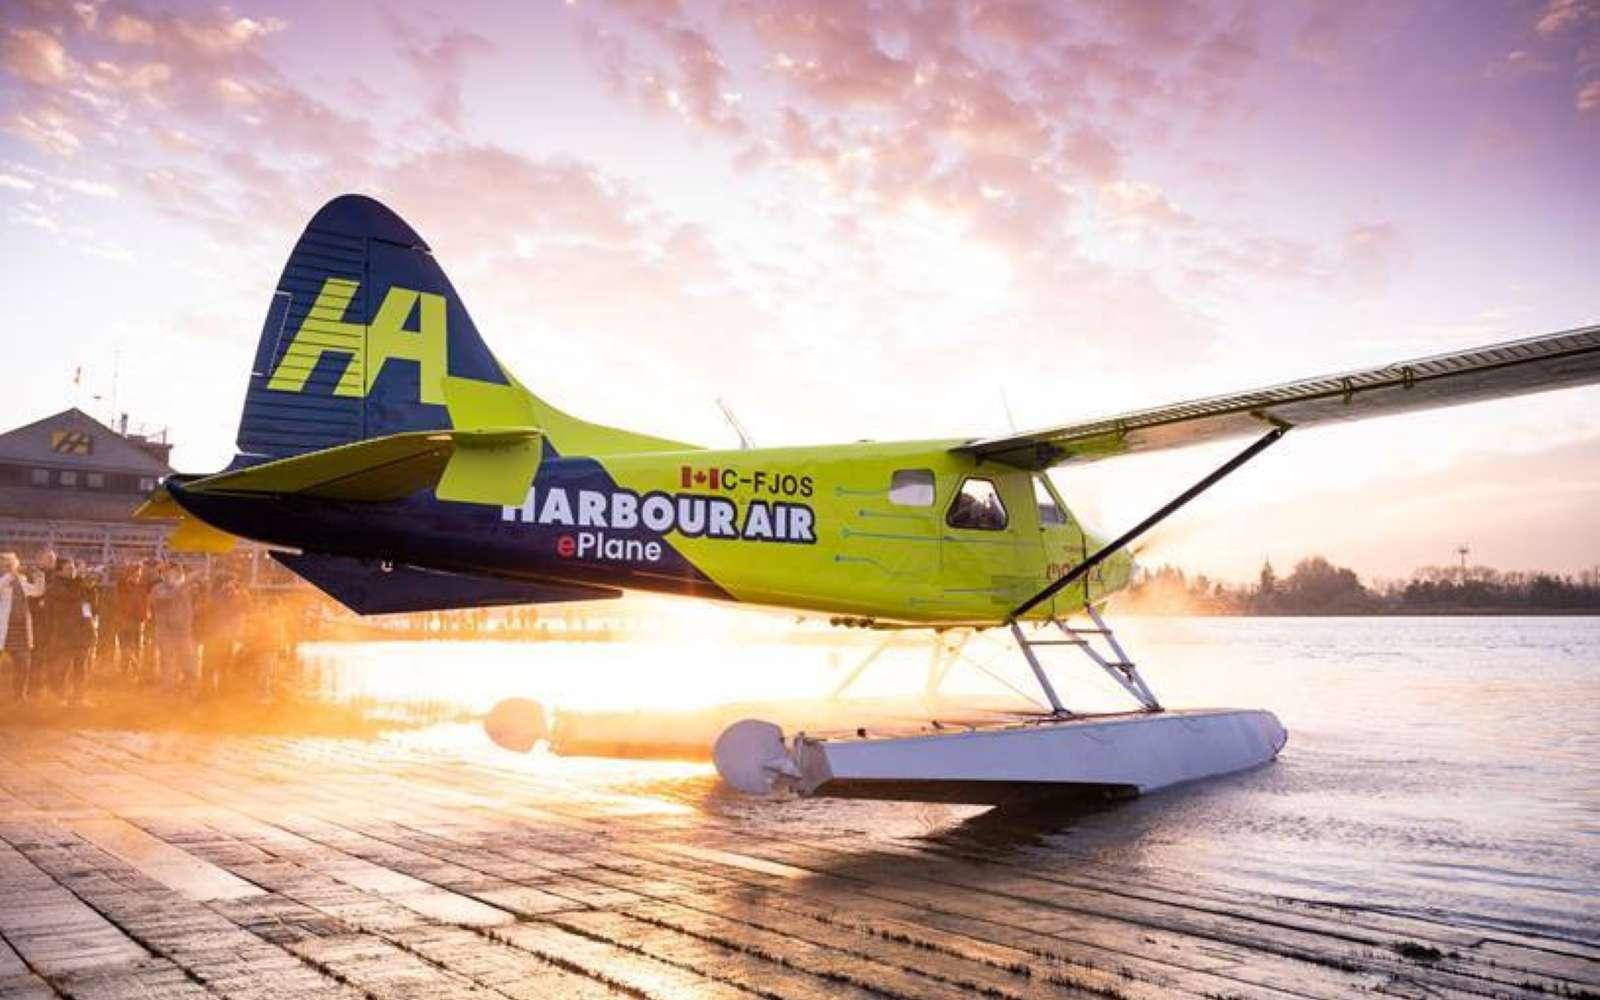 Le premier vol 100 % électrique a été réalisé par Harbour Air à partir d'un de Havilland Canada DHC-2 de conception ancienne, dont la motorisation thermique a été remplacée. © Harbour Air